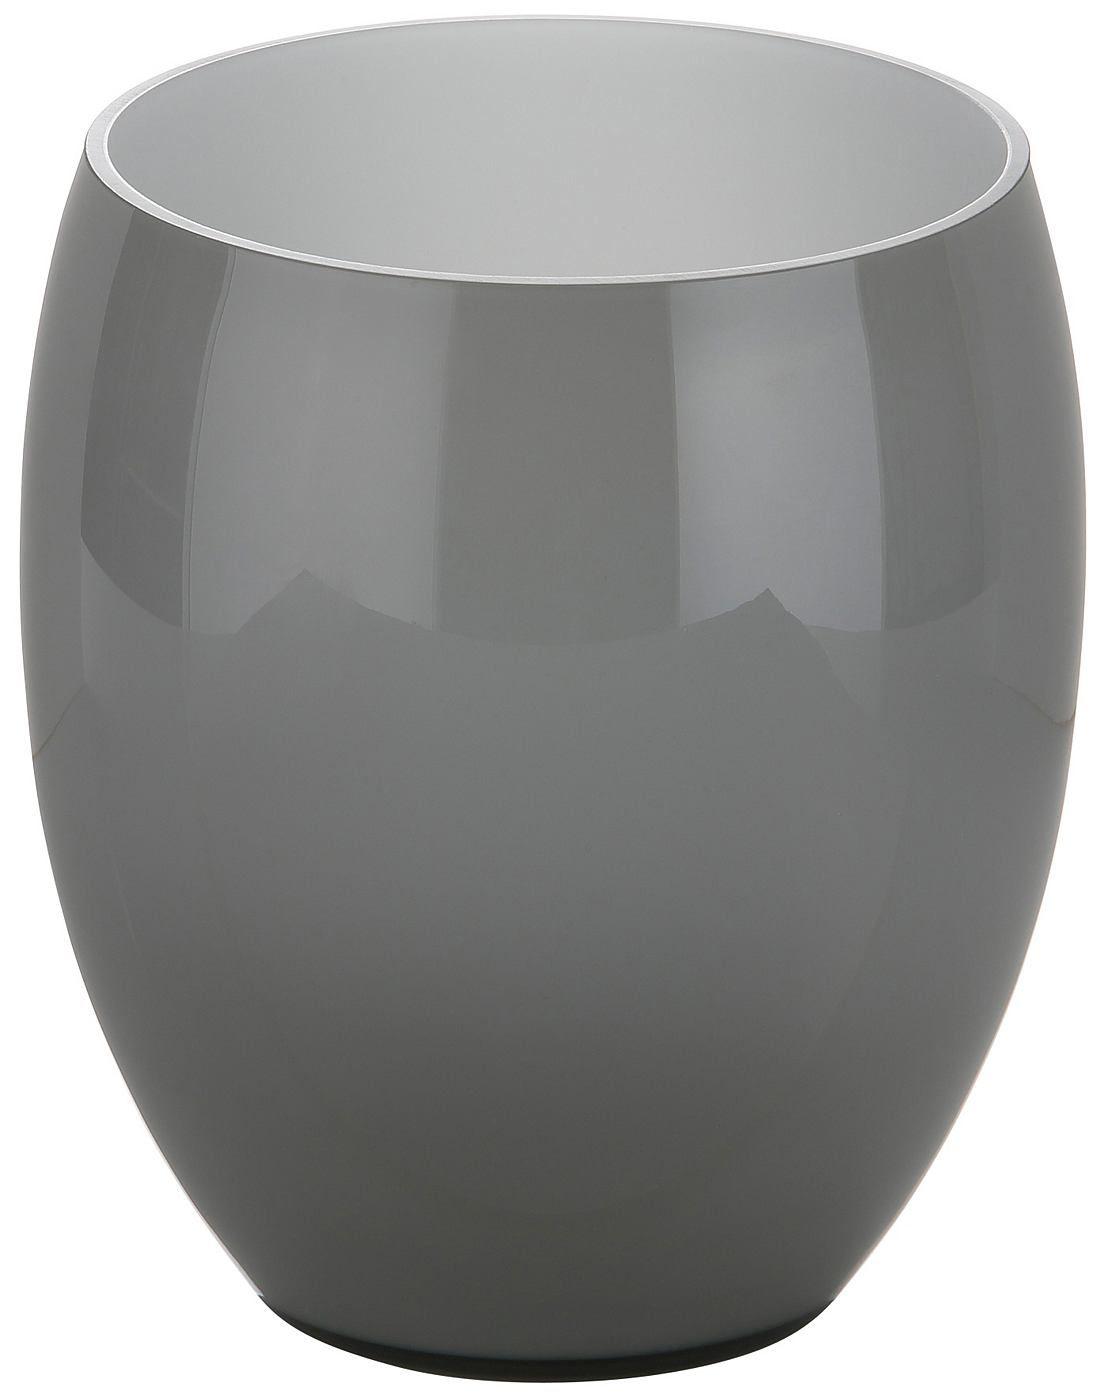 Artikeldetails:  Dekorative Vase, Handgearbeitet - jedes Stück ein Unikat, Auch als Windlicht verwendbar, Höhe: ca. 19 cm,  Material/Qualität:  Aus hochwertigem Glas,  ...